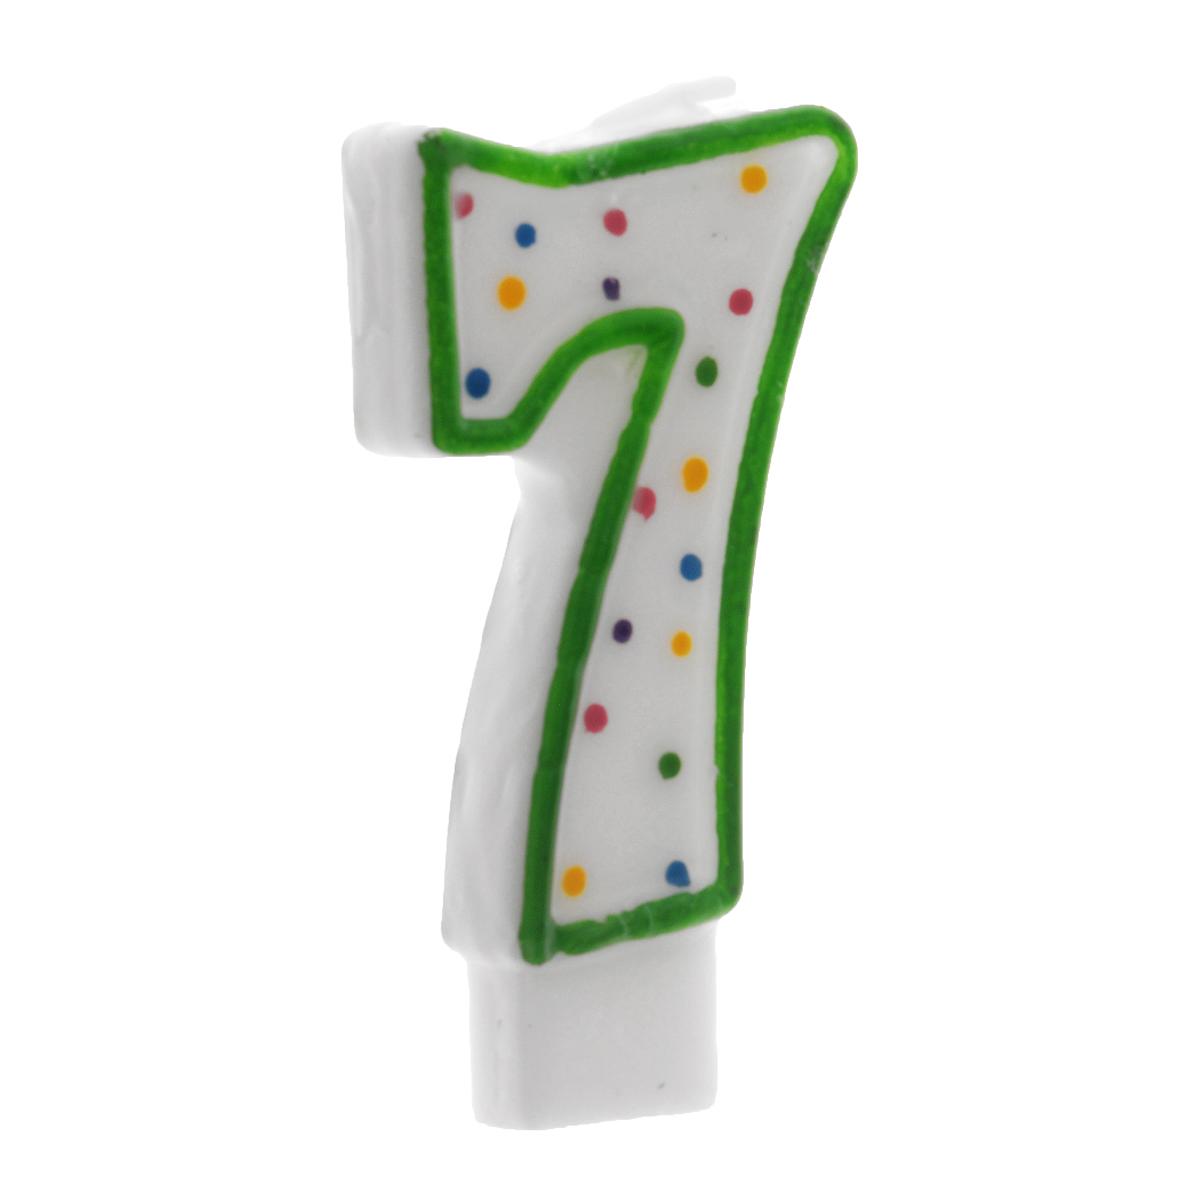 Свеча-цифра для торта Wilton Цифра 7, цвет: зеленый, высота 7,6 смWLT-2811-9107Свеча-цифра для торта Wilton Цифра 7 изготовлена из высококачественного воска. Это отличное решение для декорирования торта к празднику. Ее можно комбинировать с другими цифрами. Изделие хорошо и долго горит. С этой свечой ваш праздник станет еще удивительнее и веселее. Высота свечи (без учета фитиля): 7,6 см.